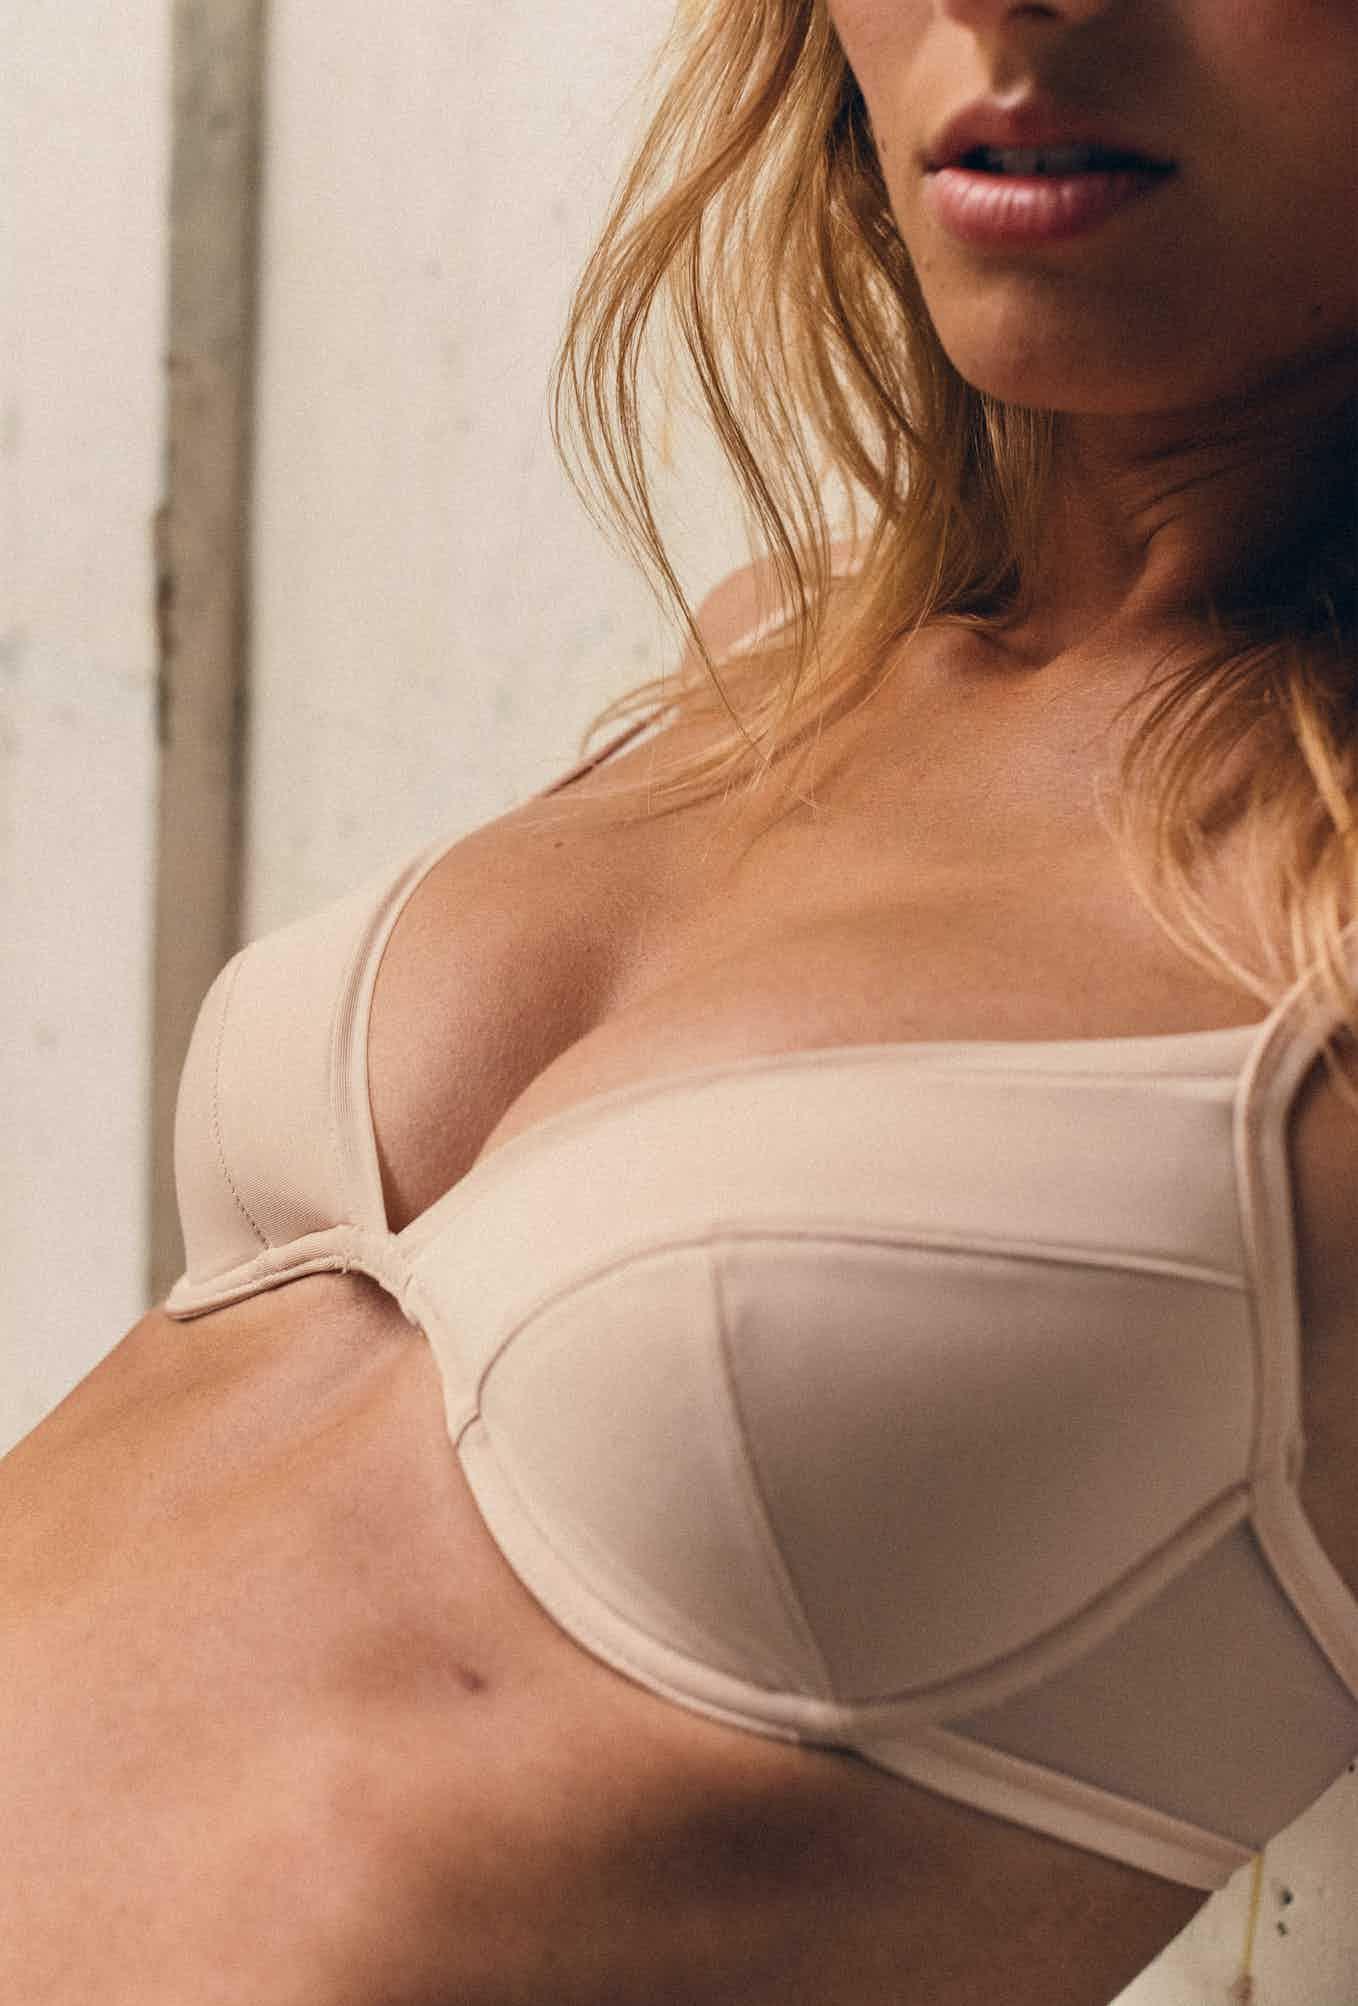 Push-up bra Histoire de femmes in powdery pink